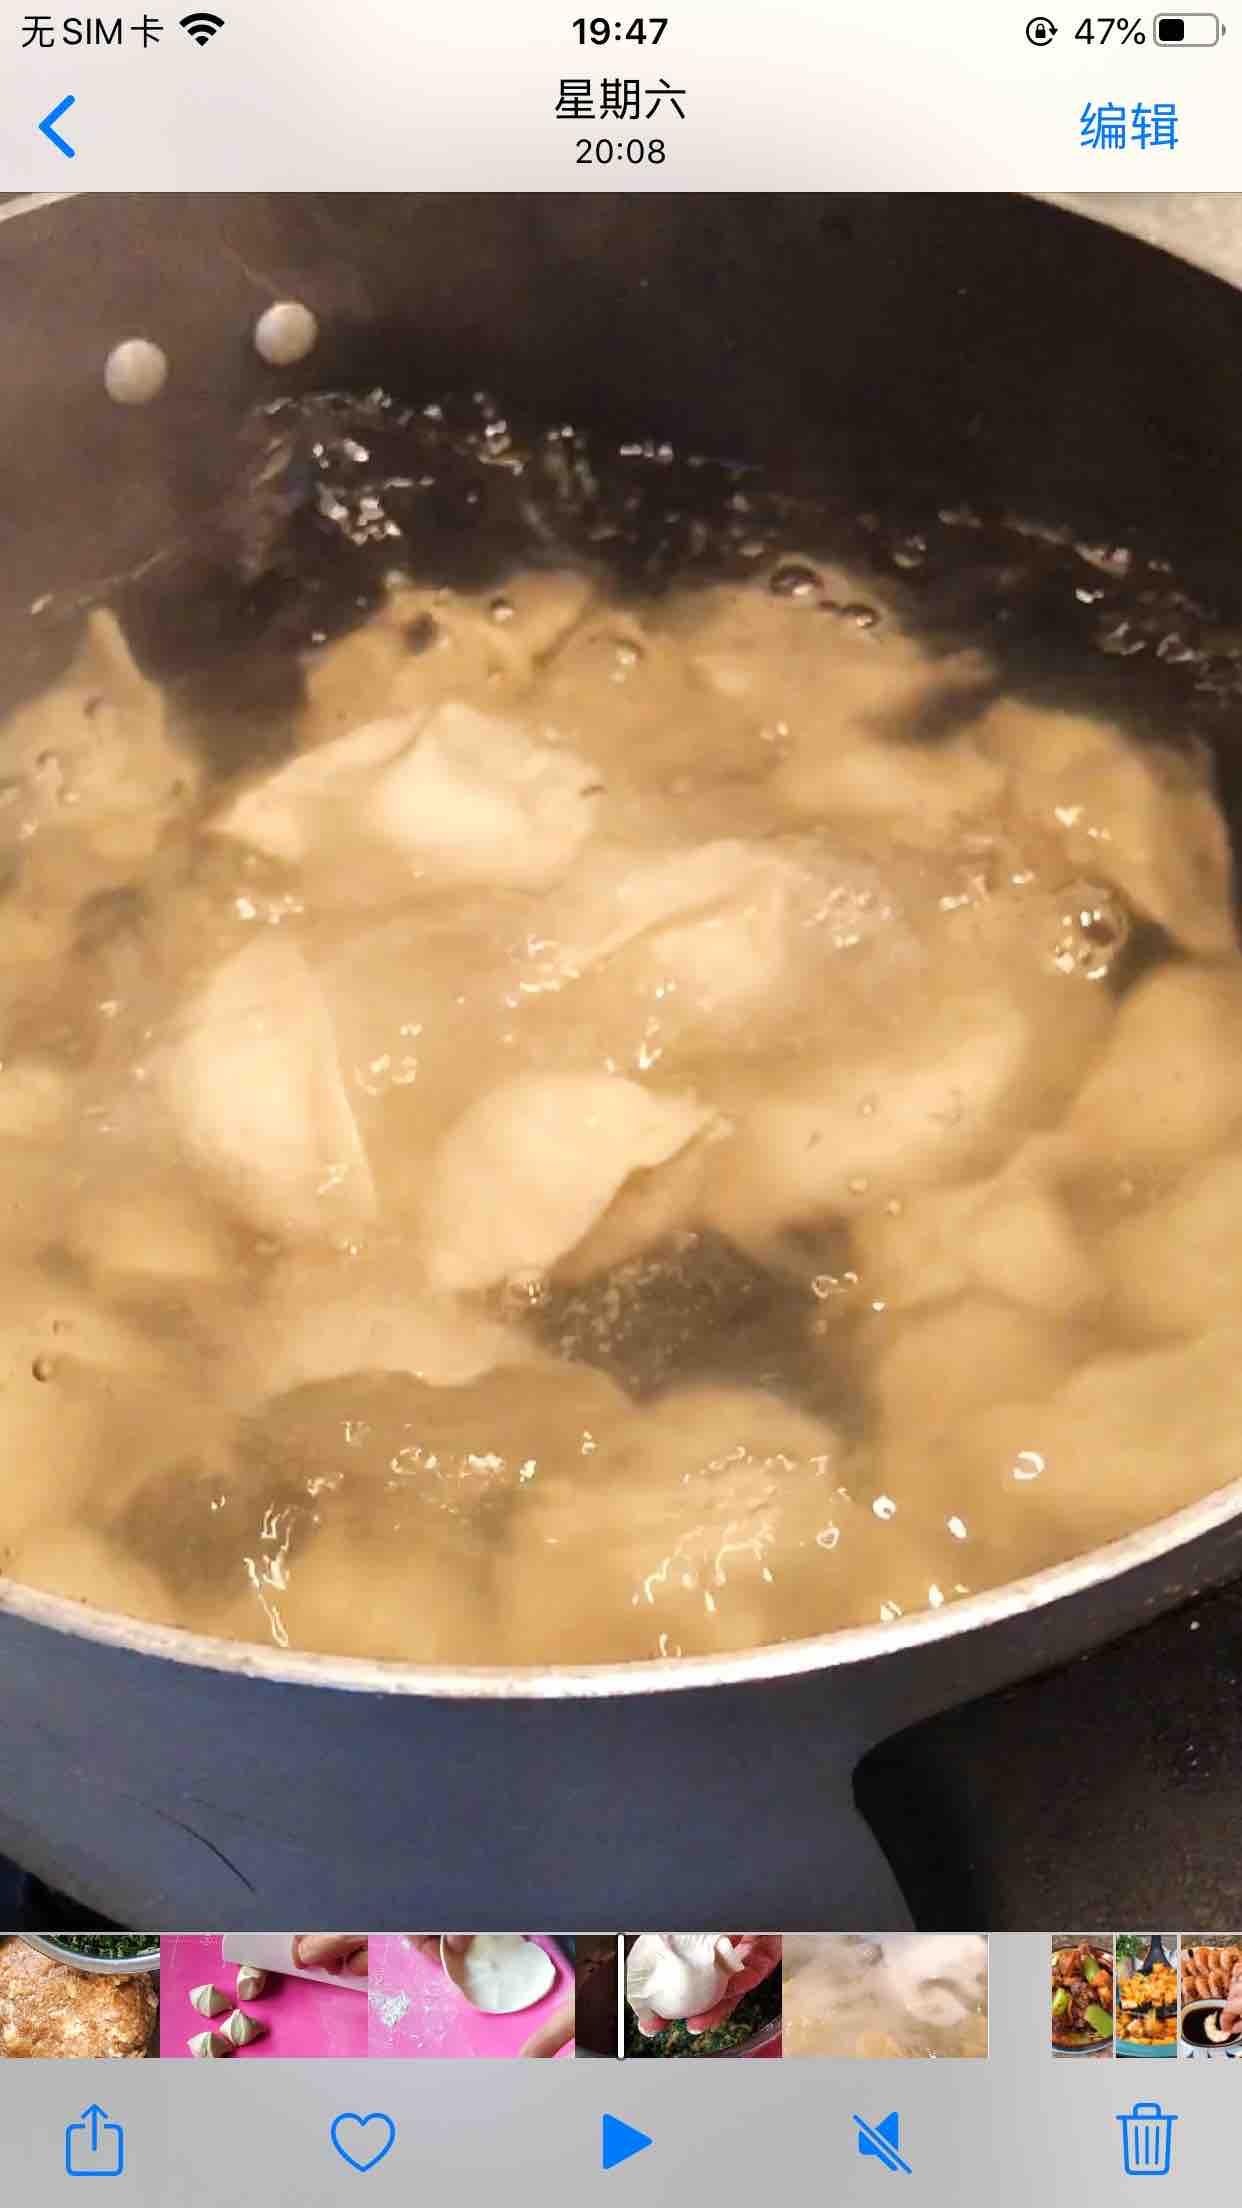 荠菜饺子怎样炒